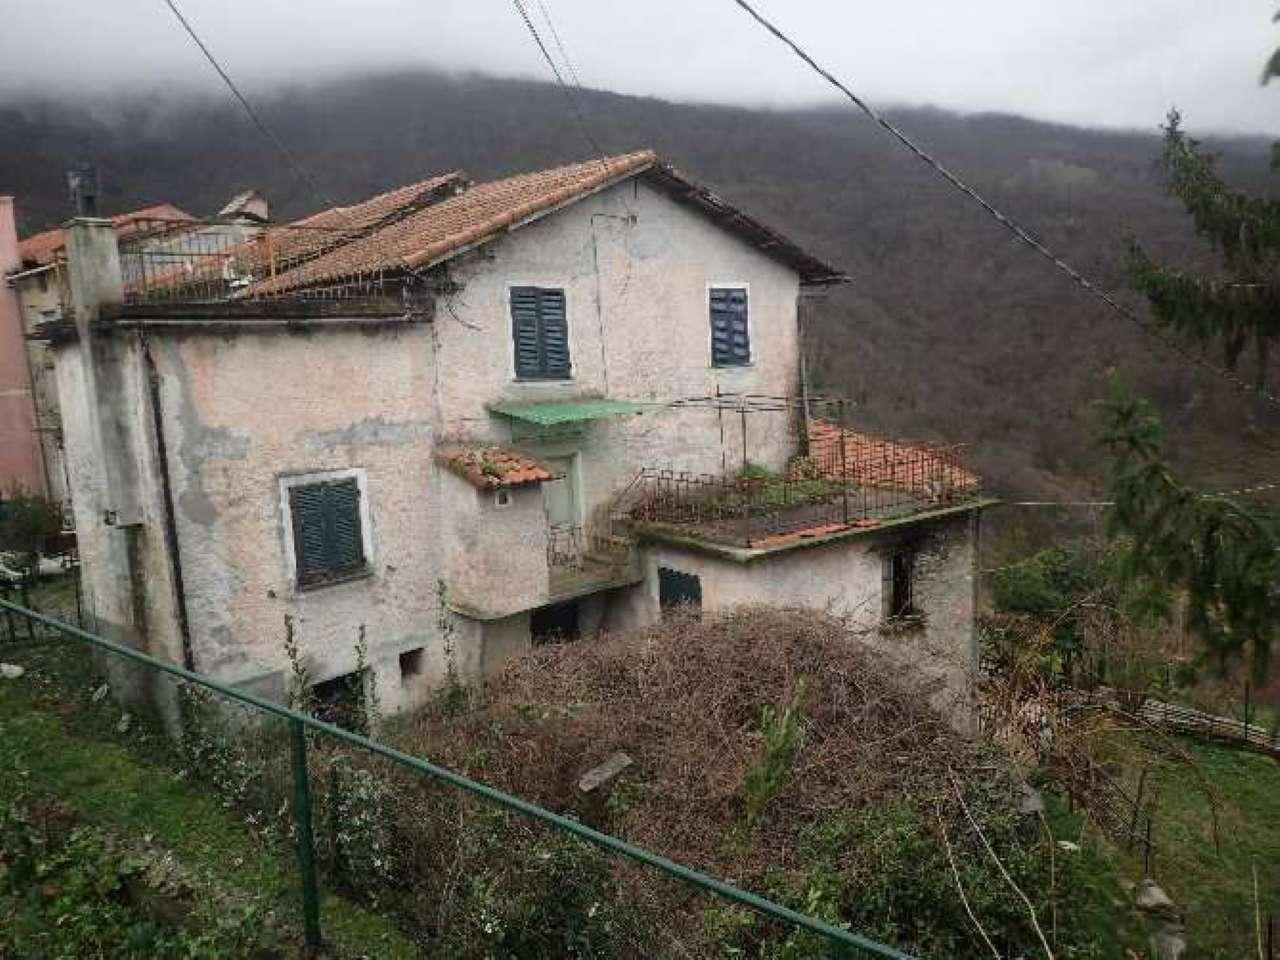 Rustico / Casale in vendita a Bargagli, 6 locali, prezzo € 70.000 | CambioCasa.it